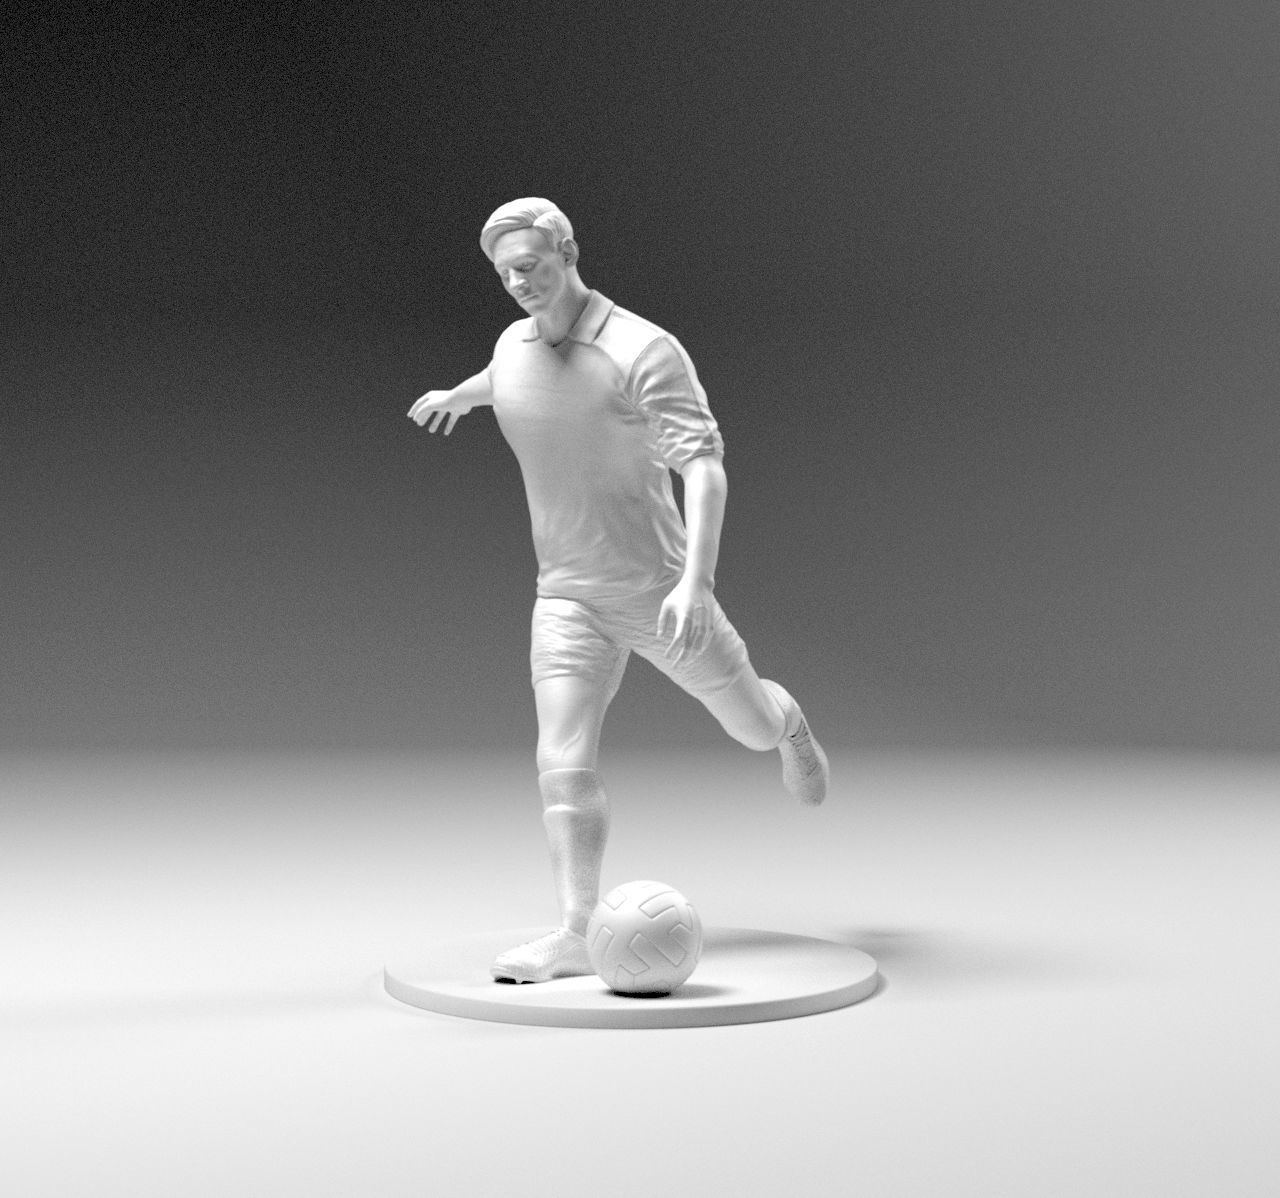 Footballer 03 Footstrike 06 Stl